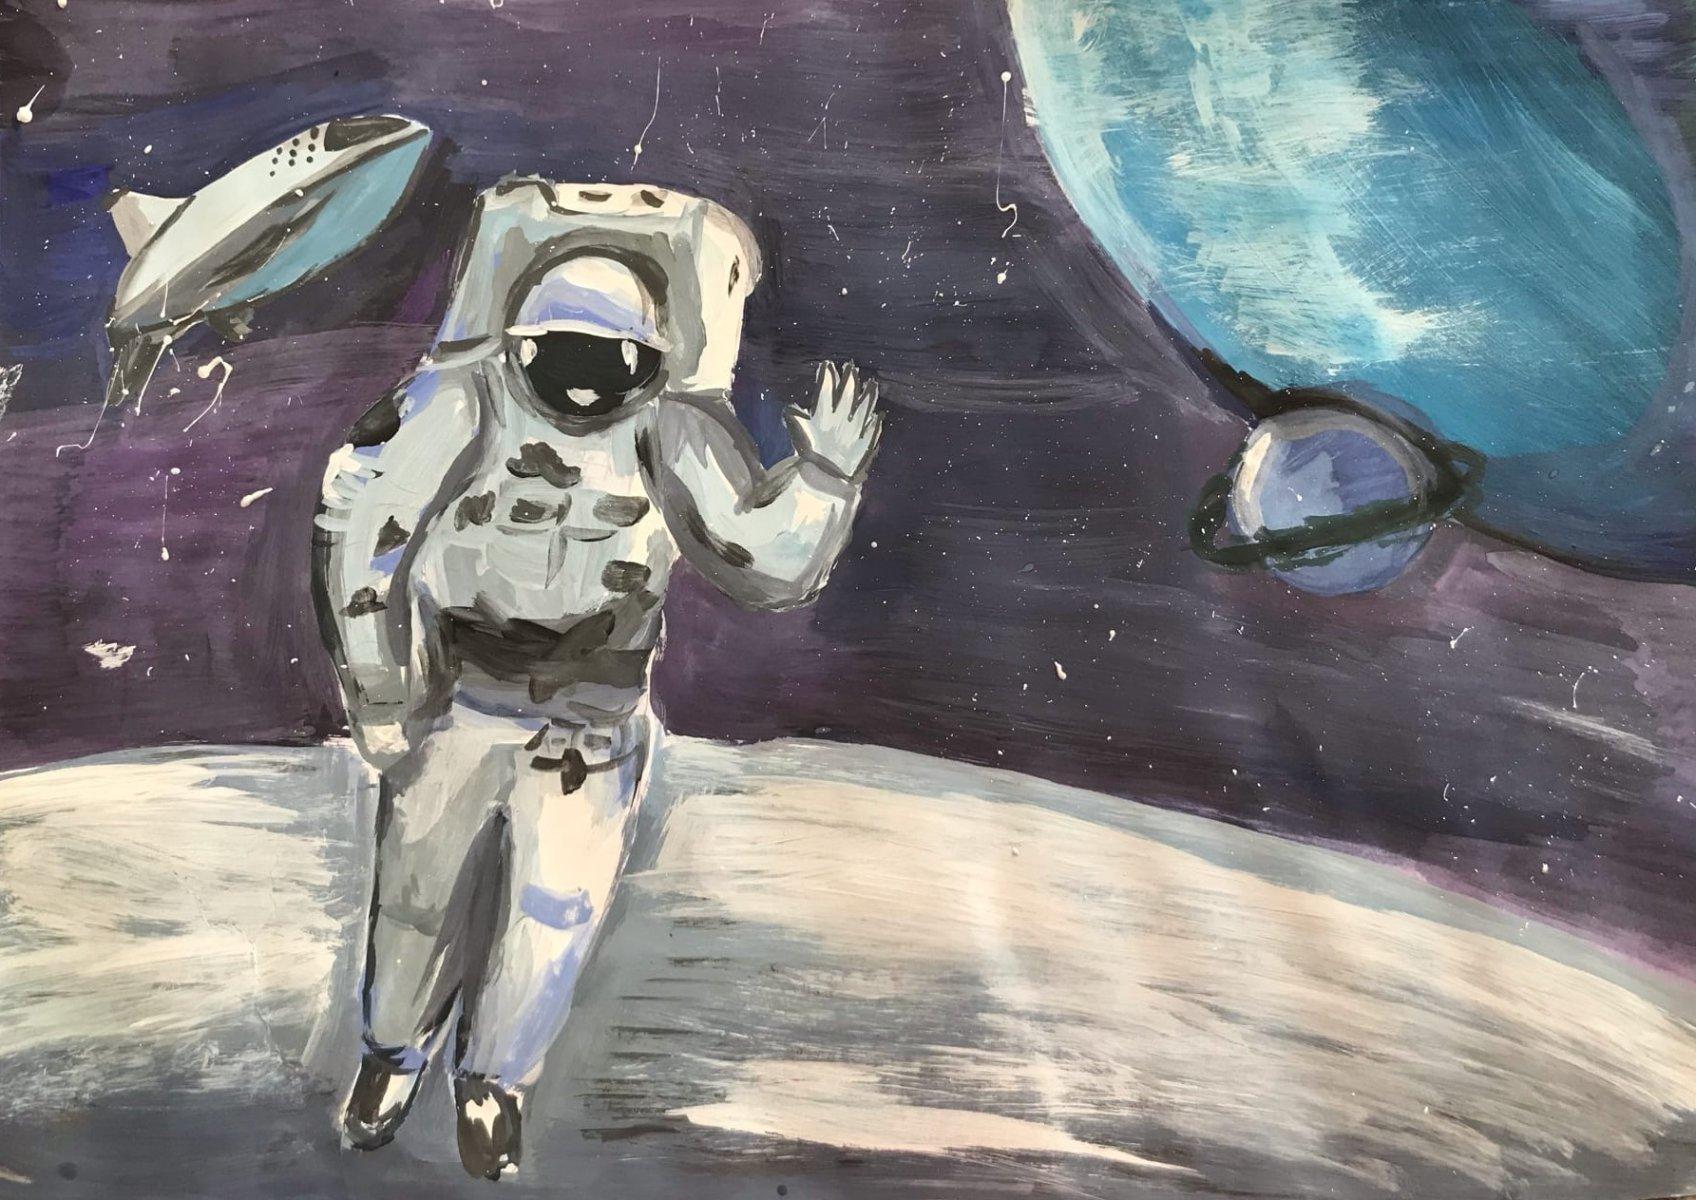 Евтодьева Дарья, 13 лет. Привет из Космоса